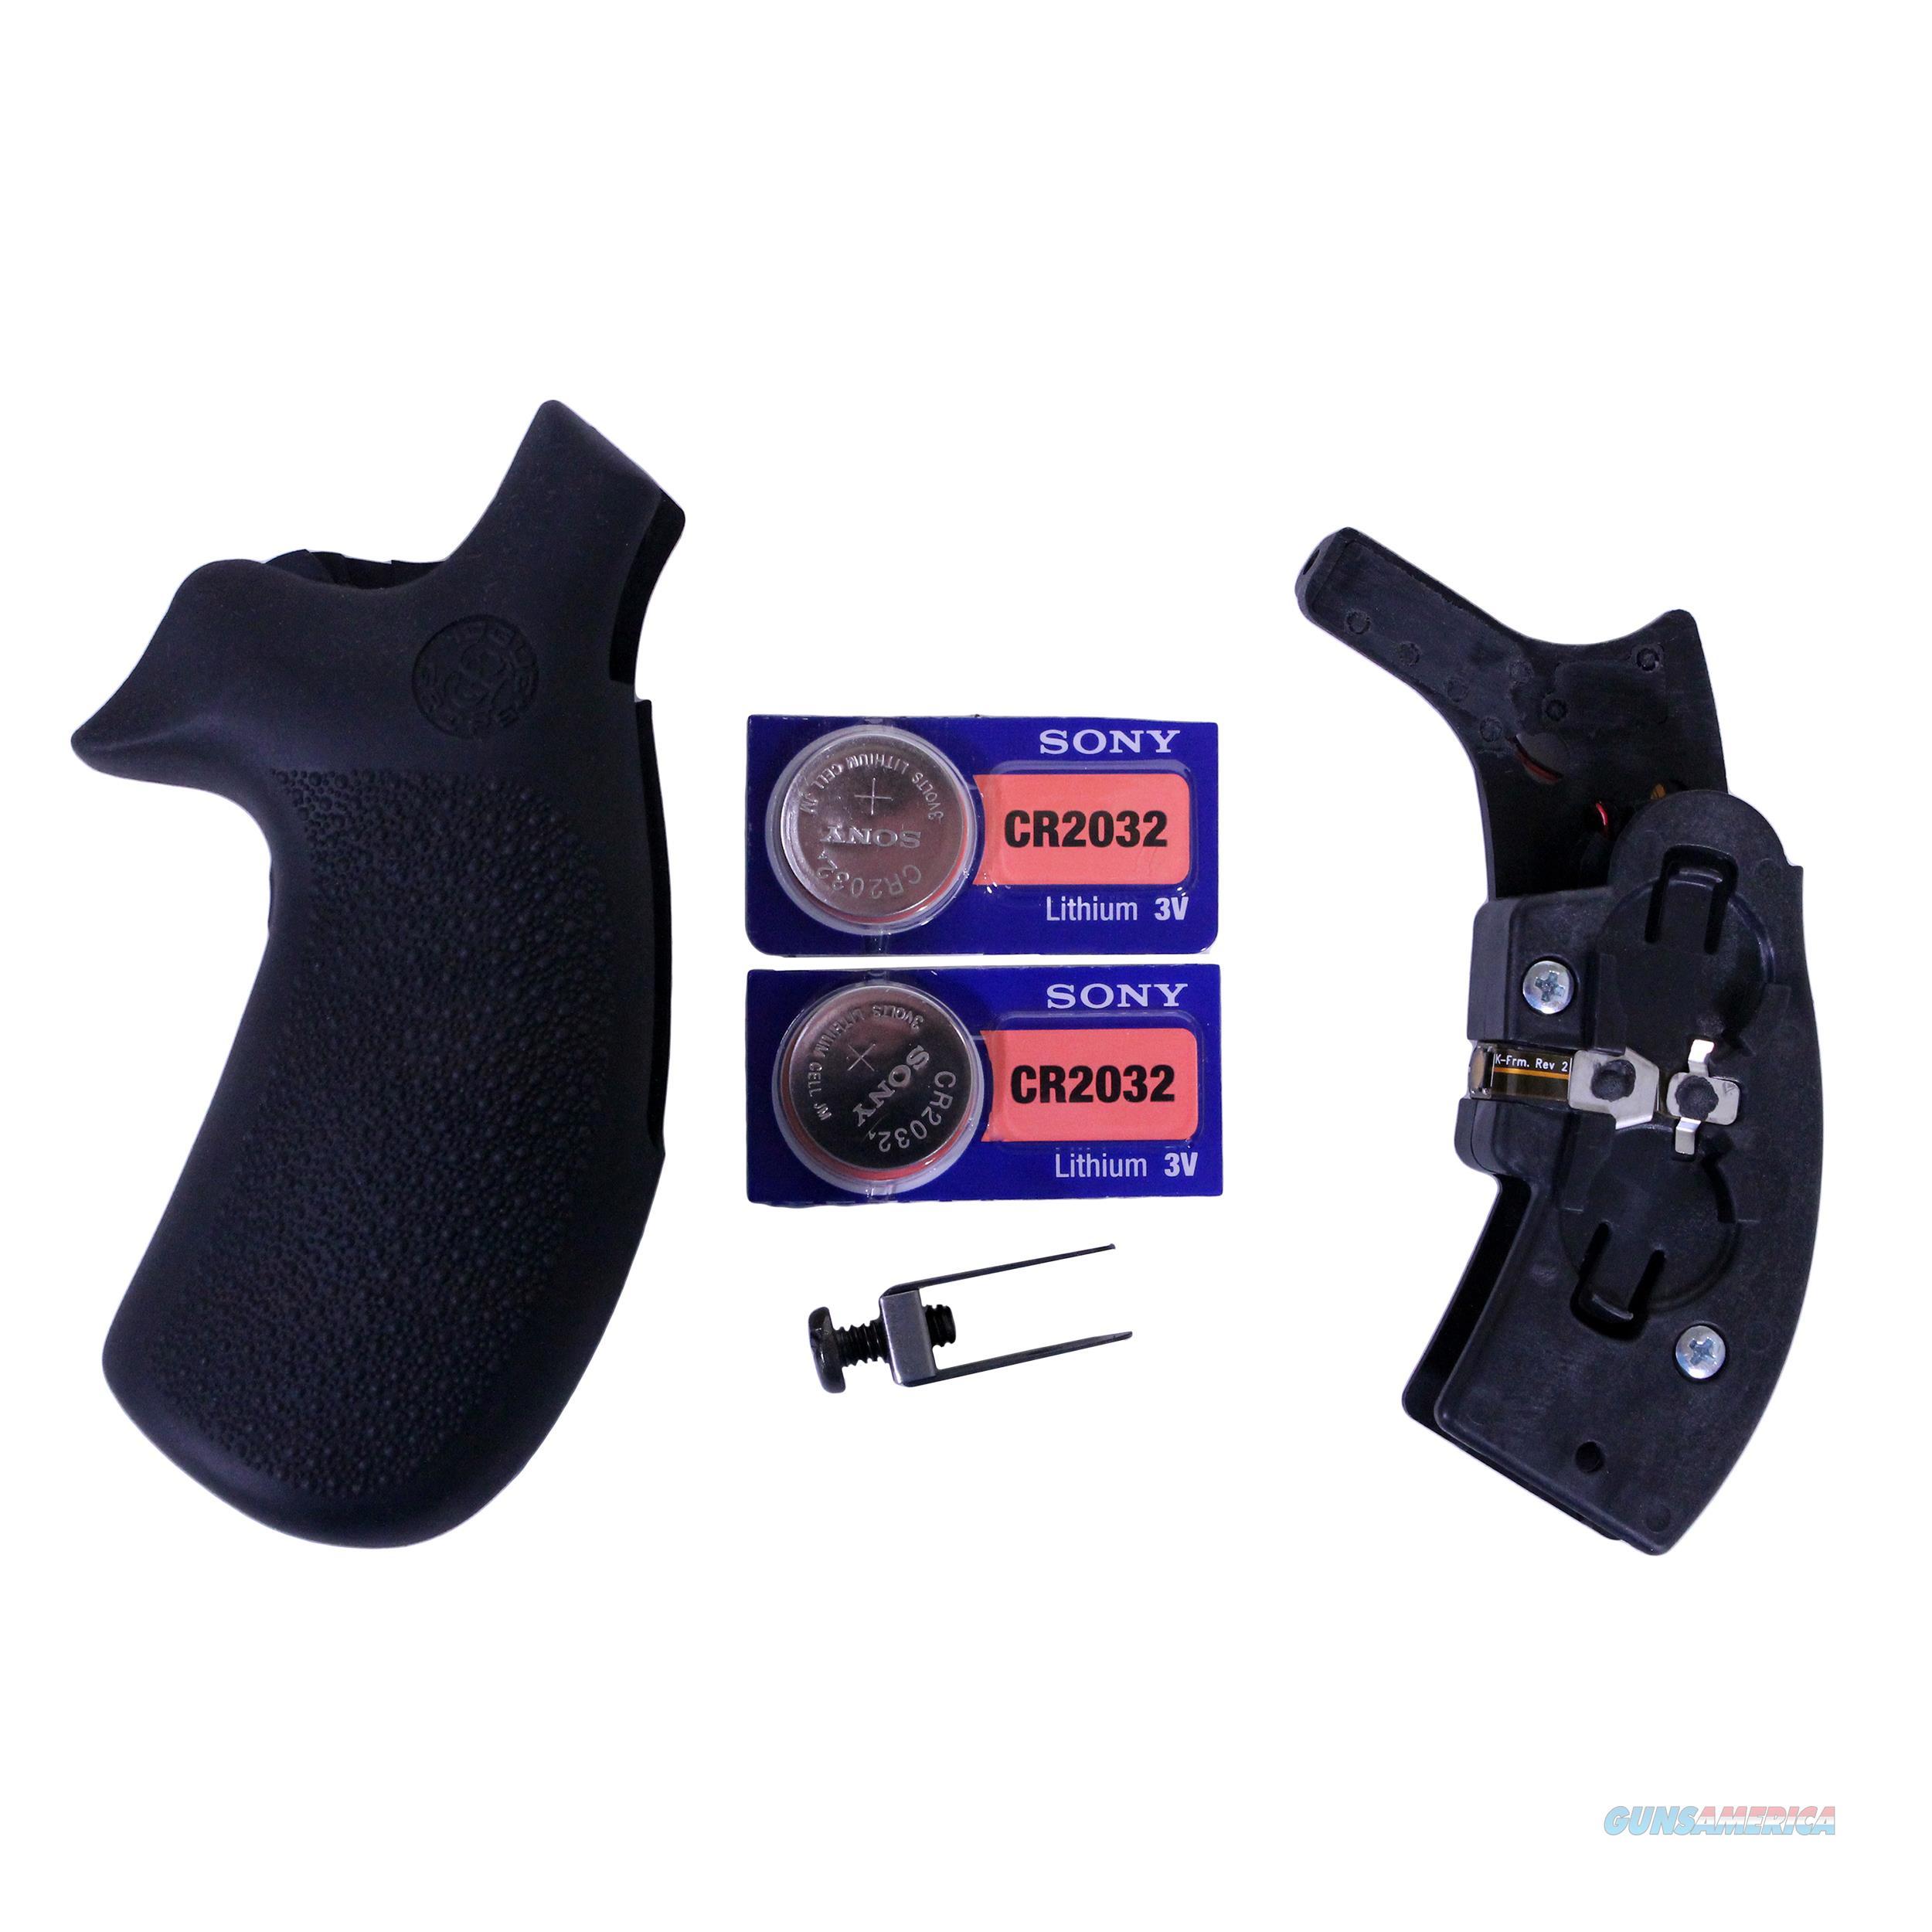 Hogue Laser Enhanced Grip 19080  Non-Guns > Gunstocks, Grips & Wood